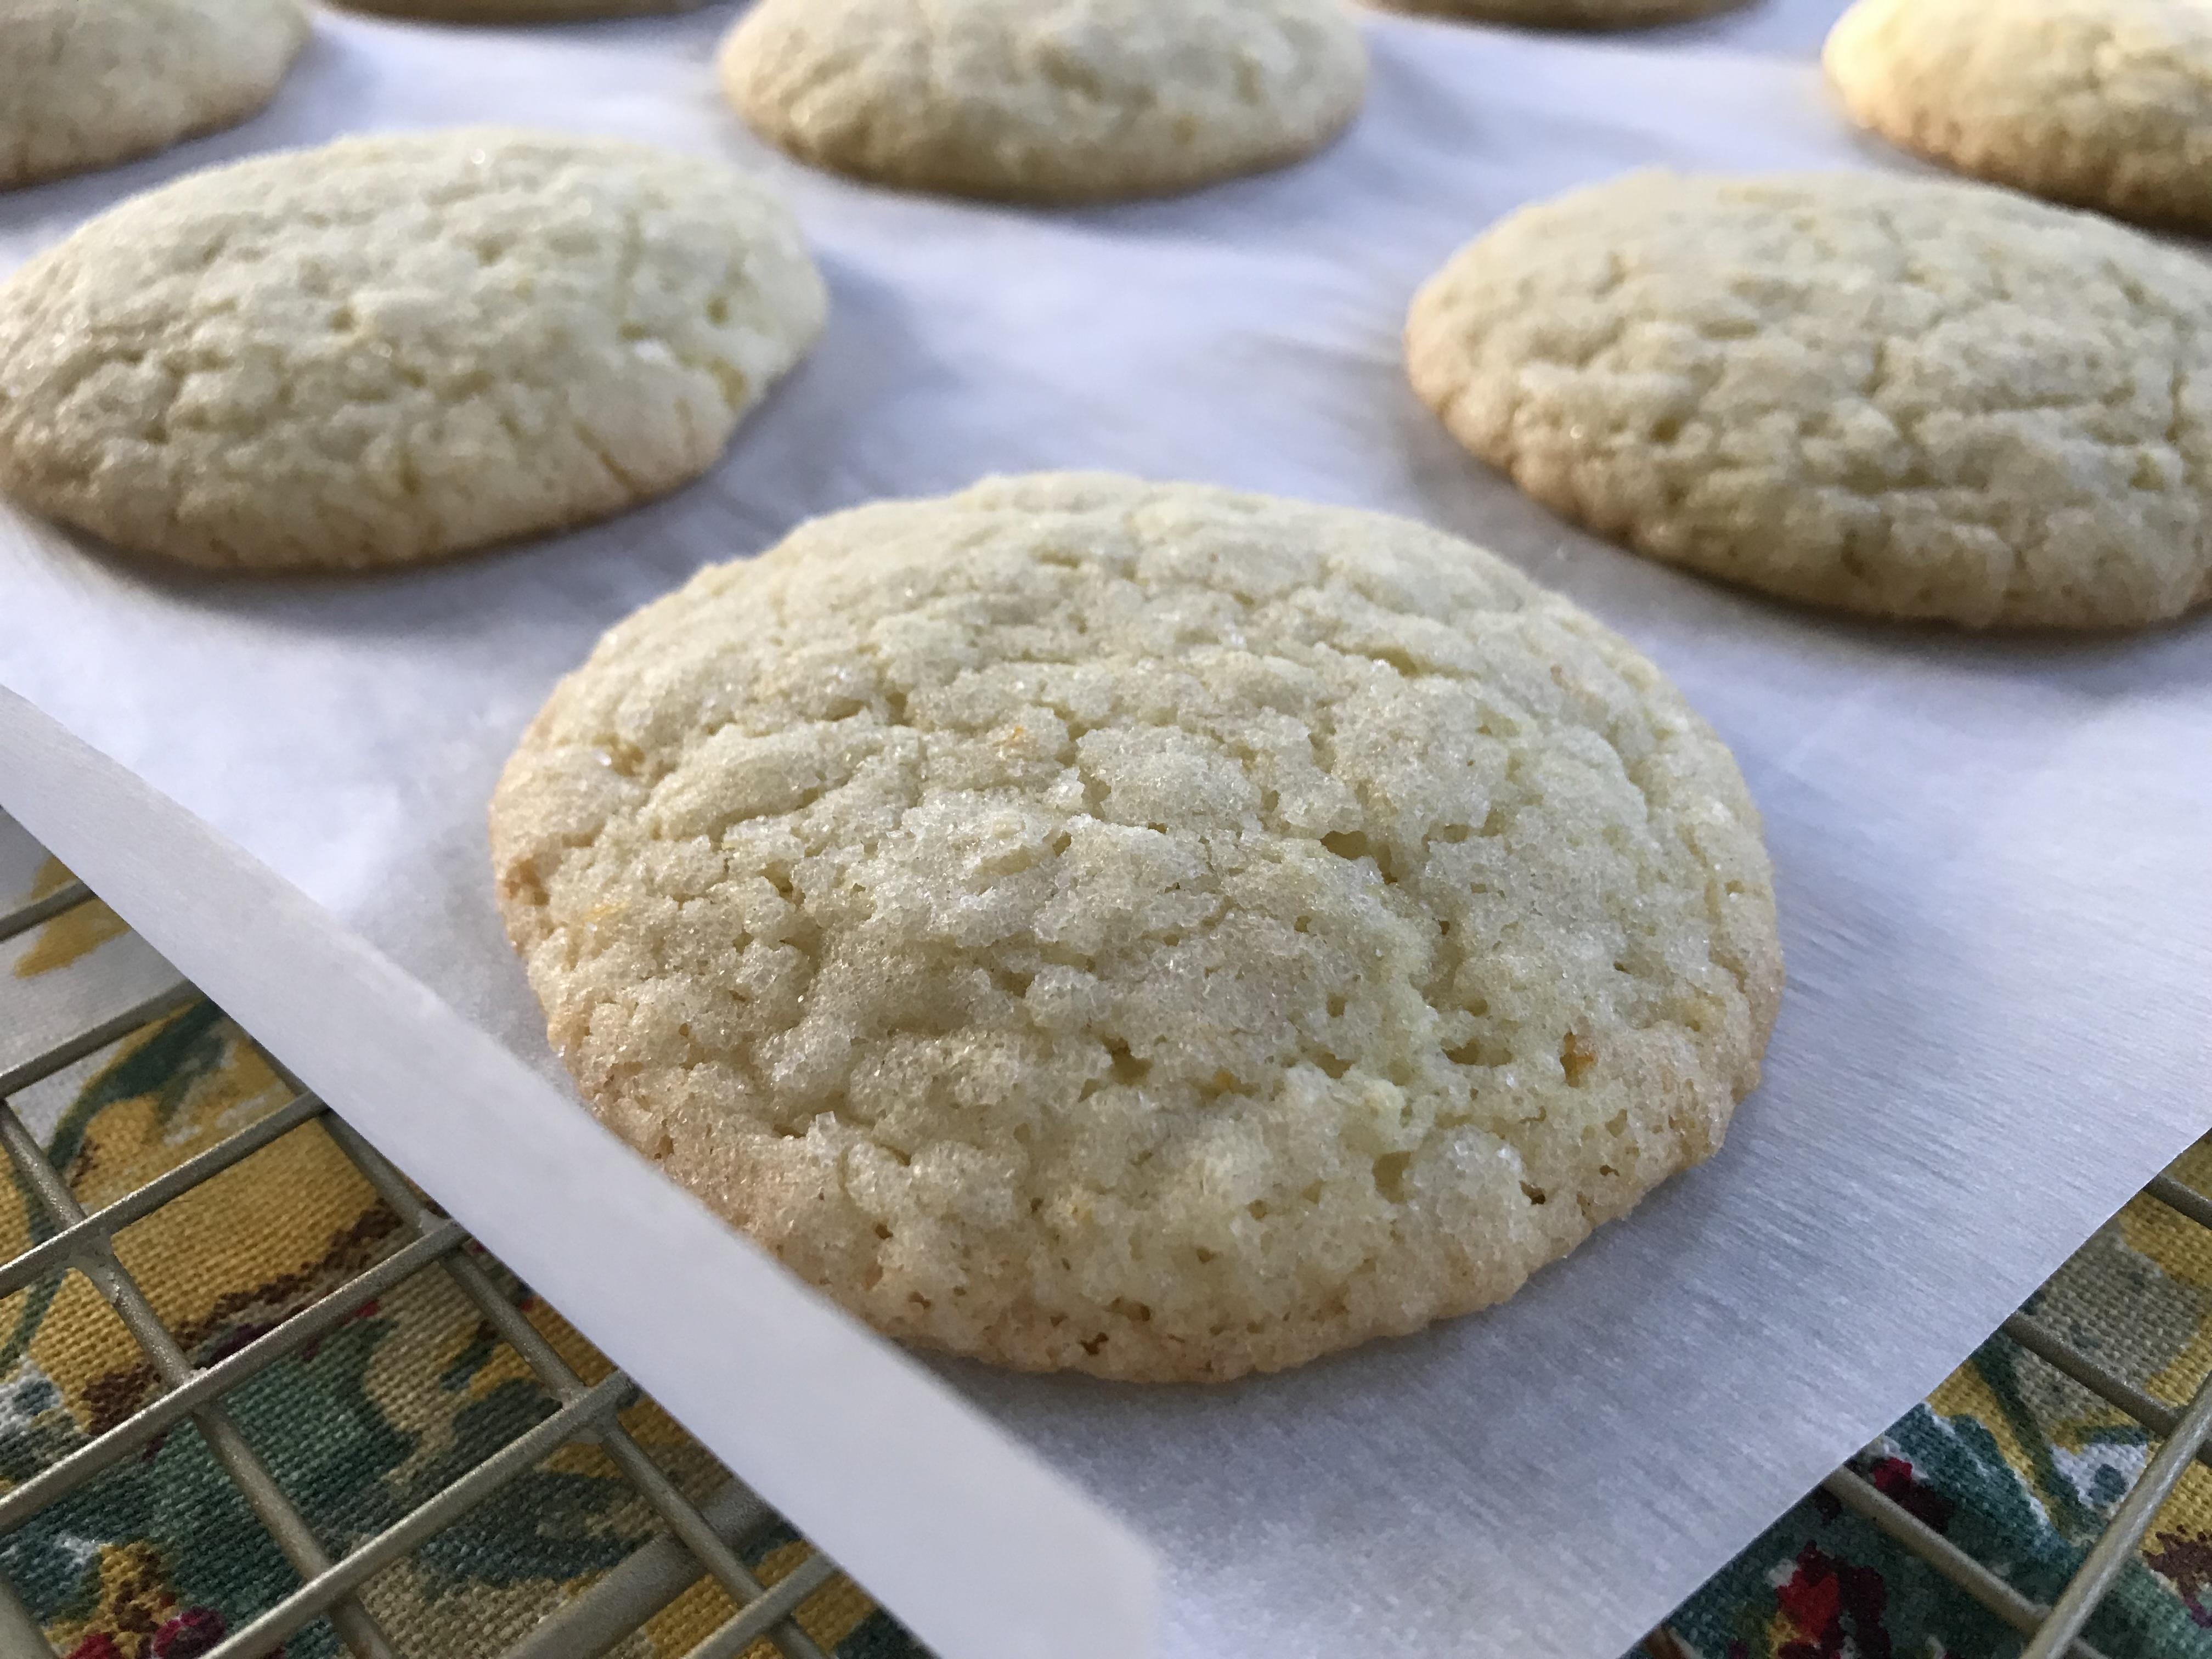 Freshly baked Meyer Lemon Sugar Cookies